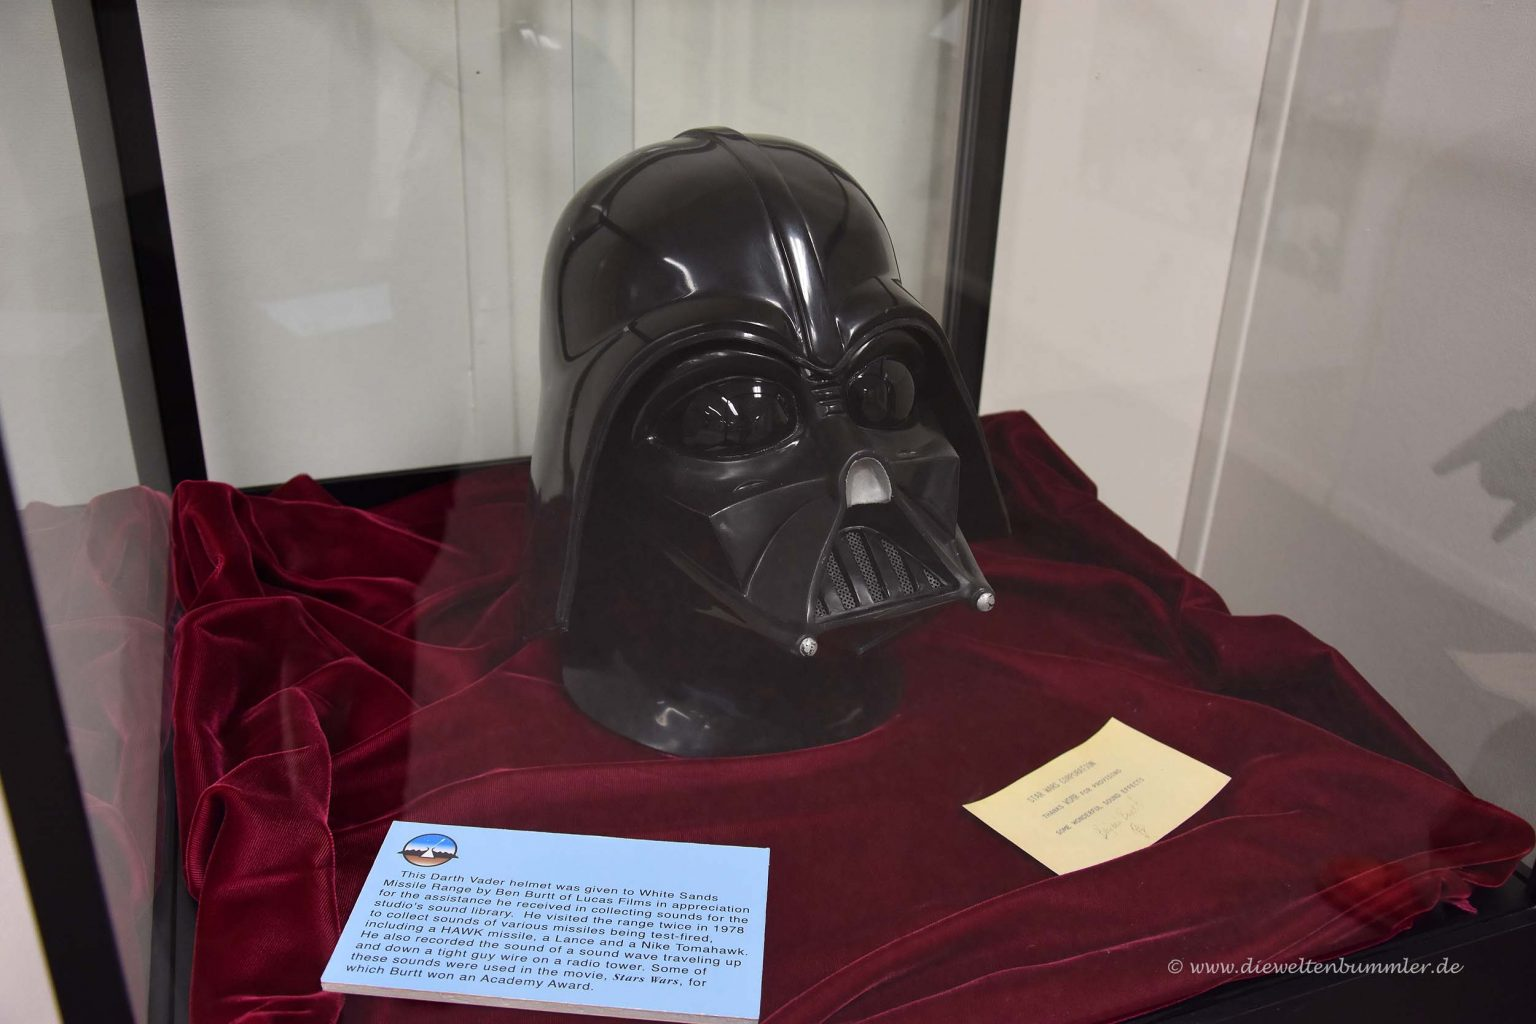 Originale Darth Vader-Maske